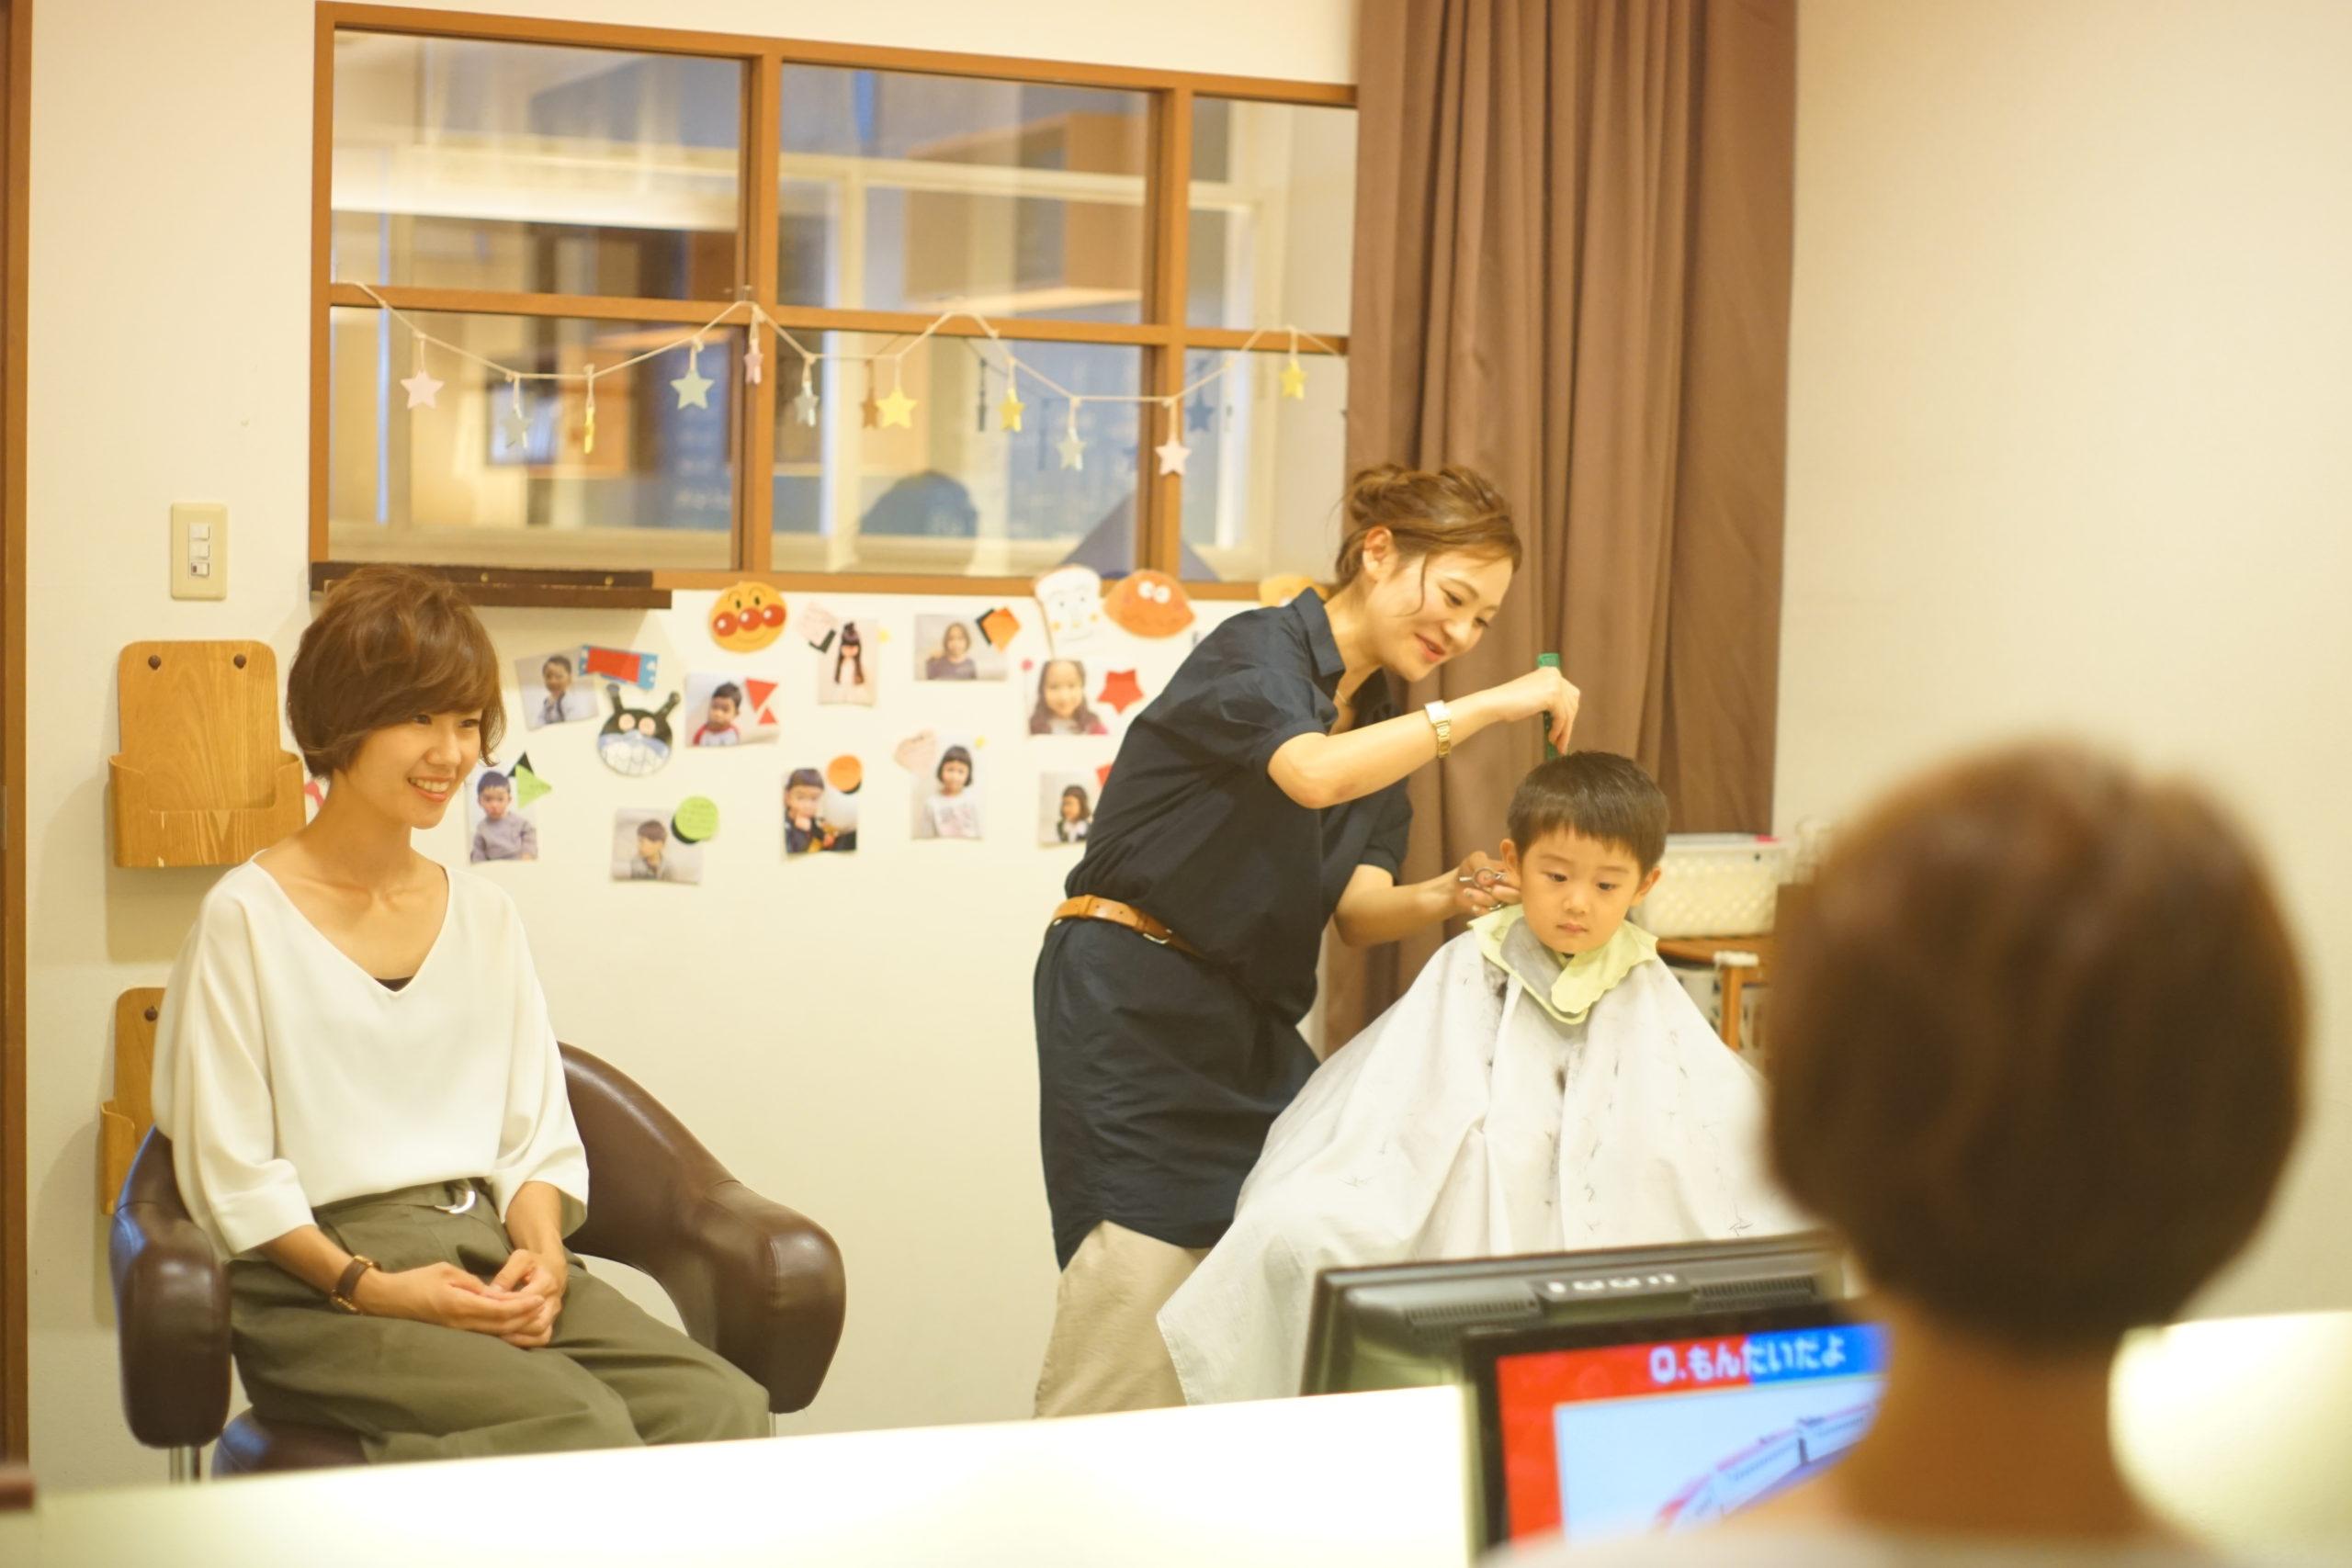 地域密着型ファミリーサロンである大阪市の美容室Snipには親子で行きやすいように個室やキッズスペースがあります。